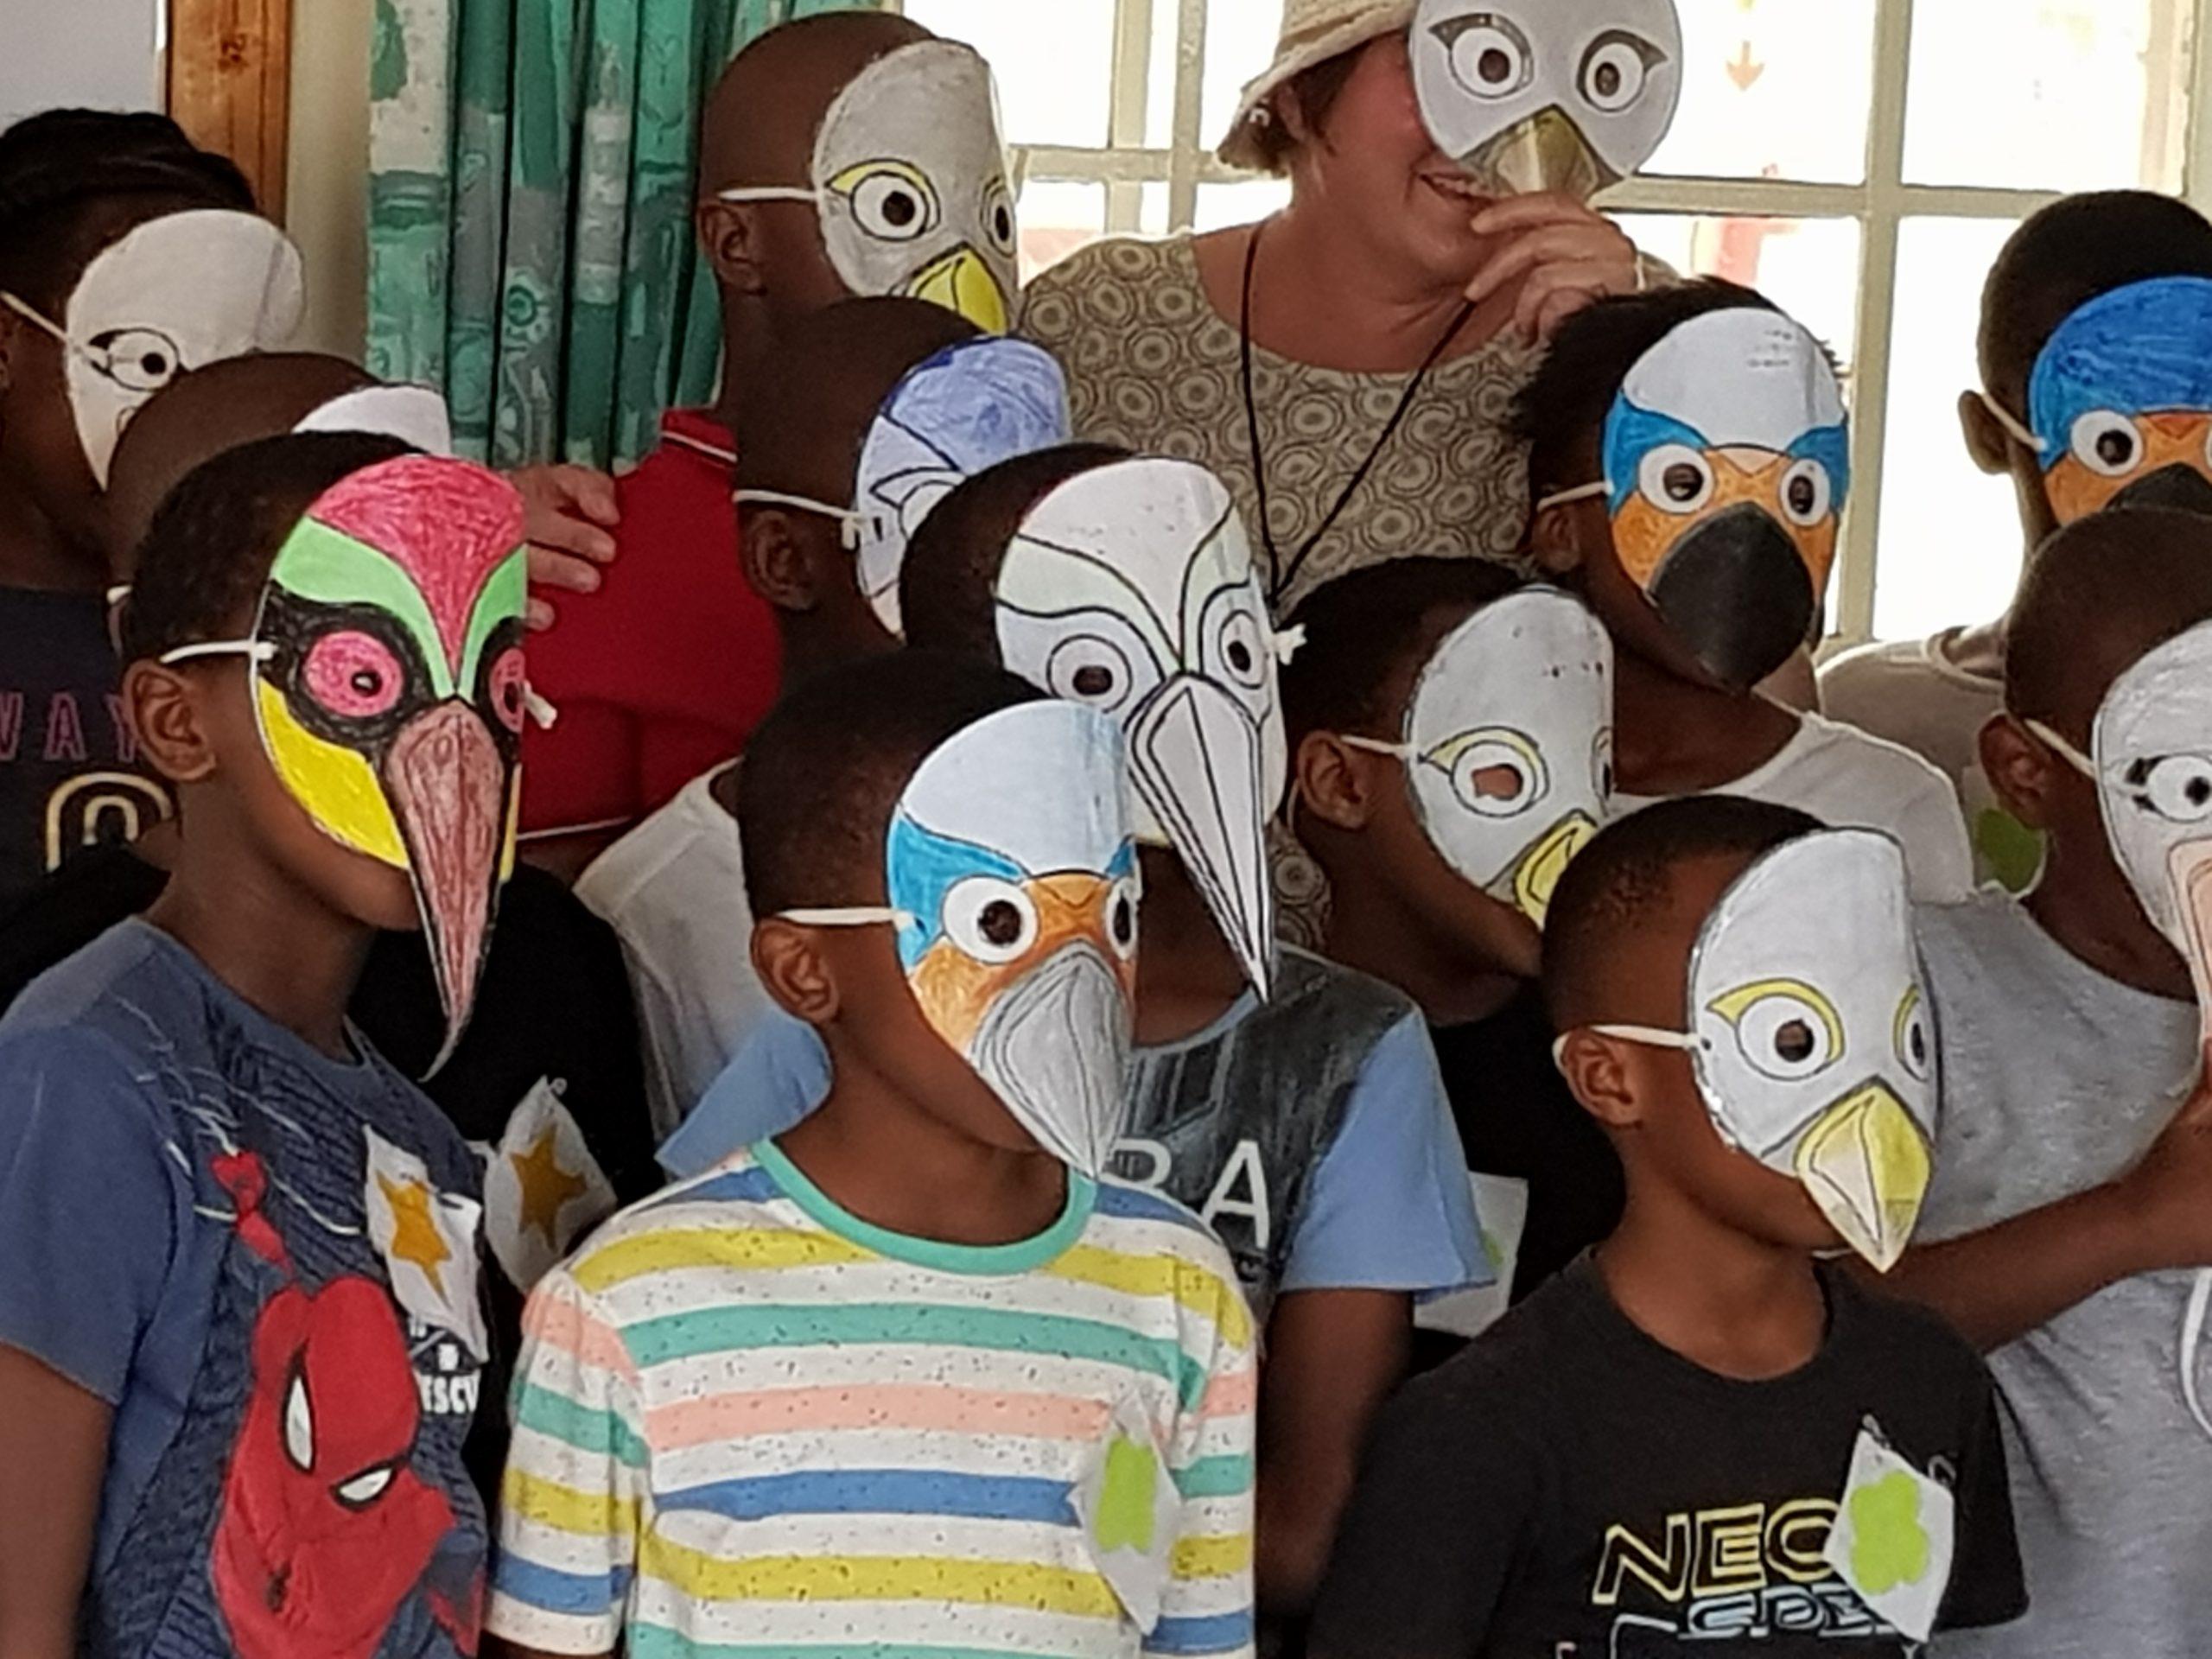 Children in paper bird masks